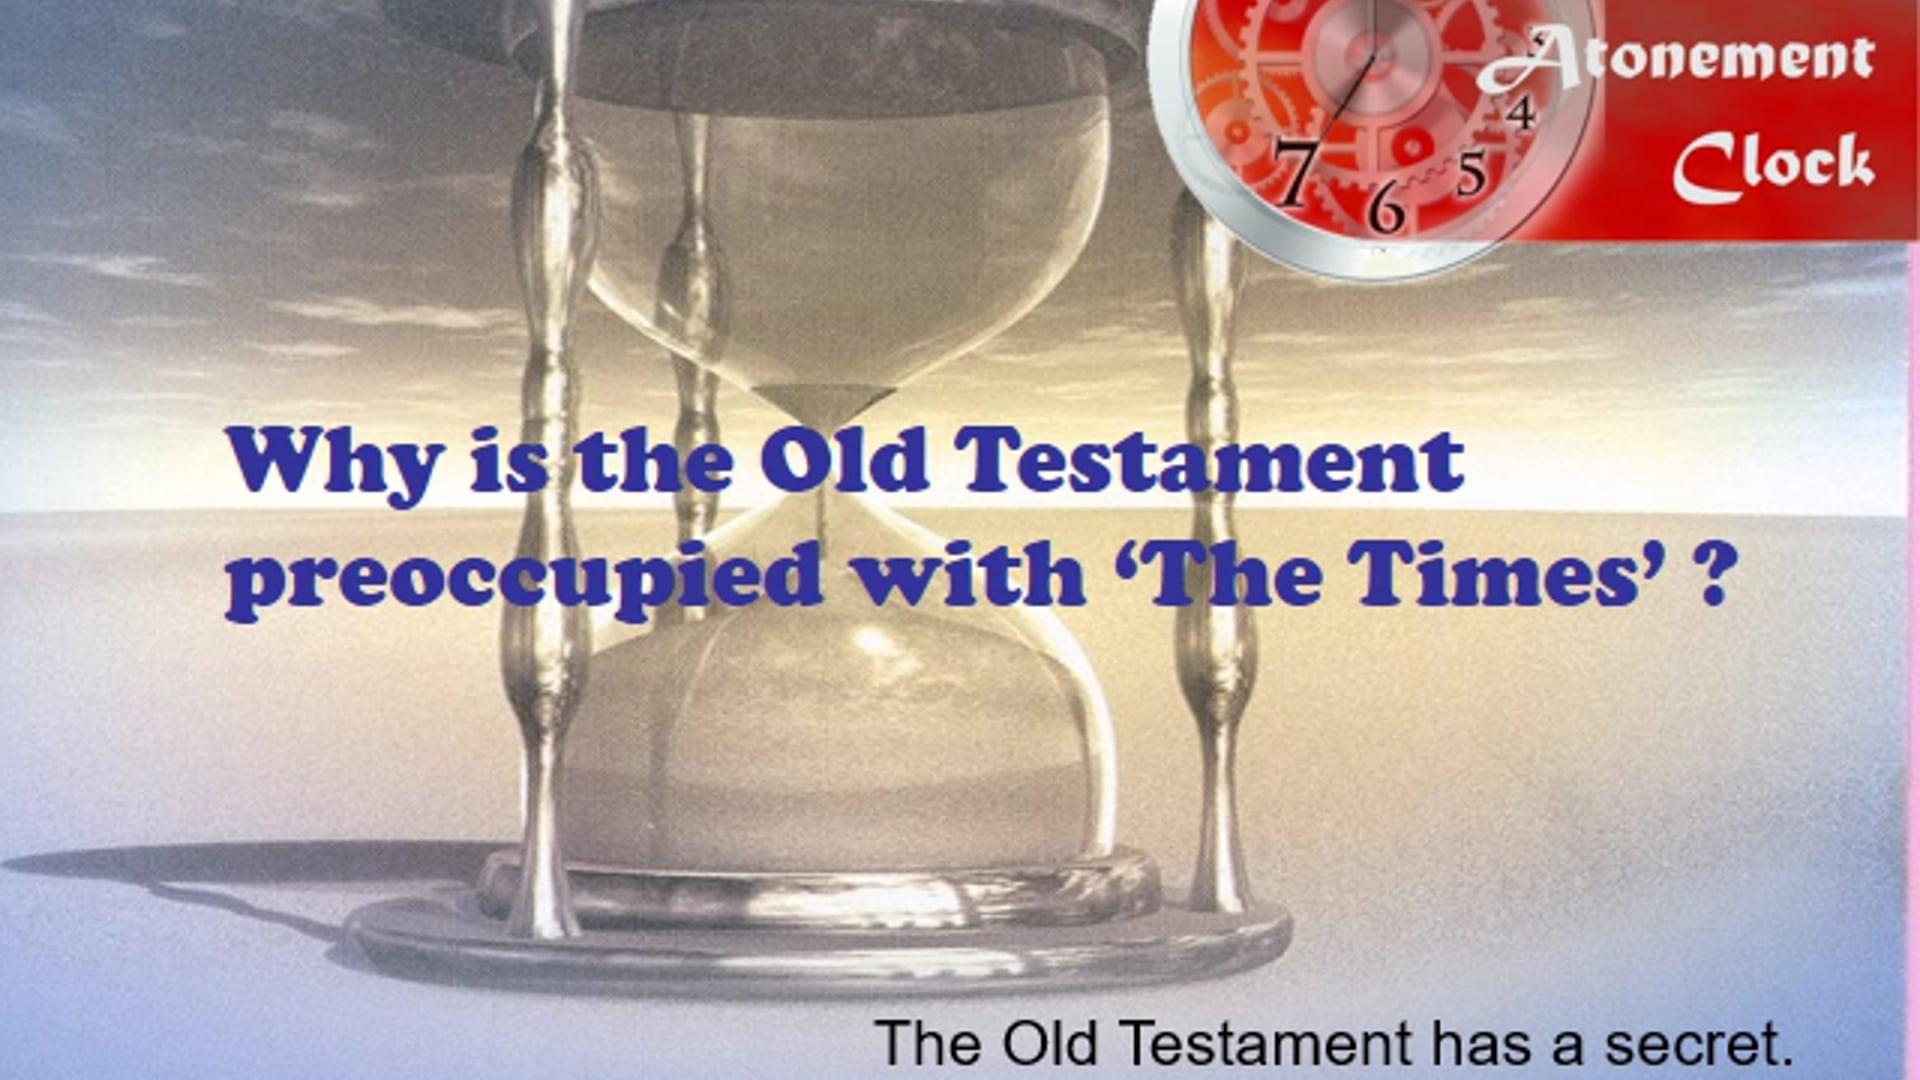 The Old Testament's Secret